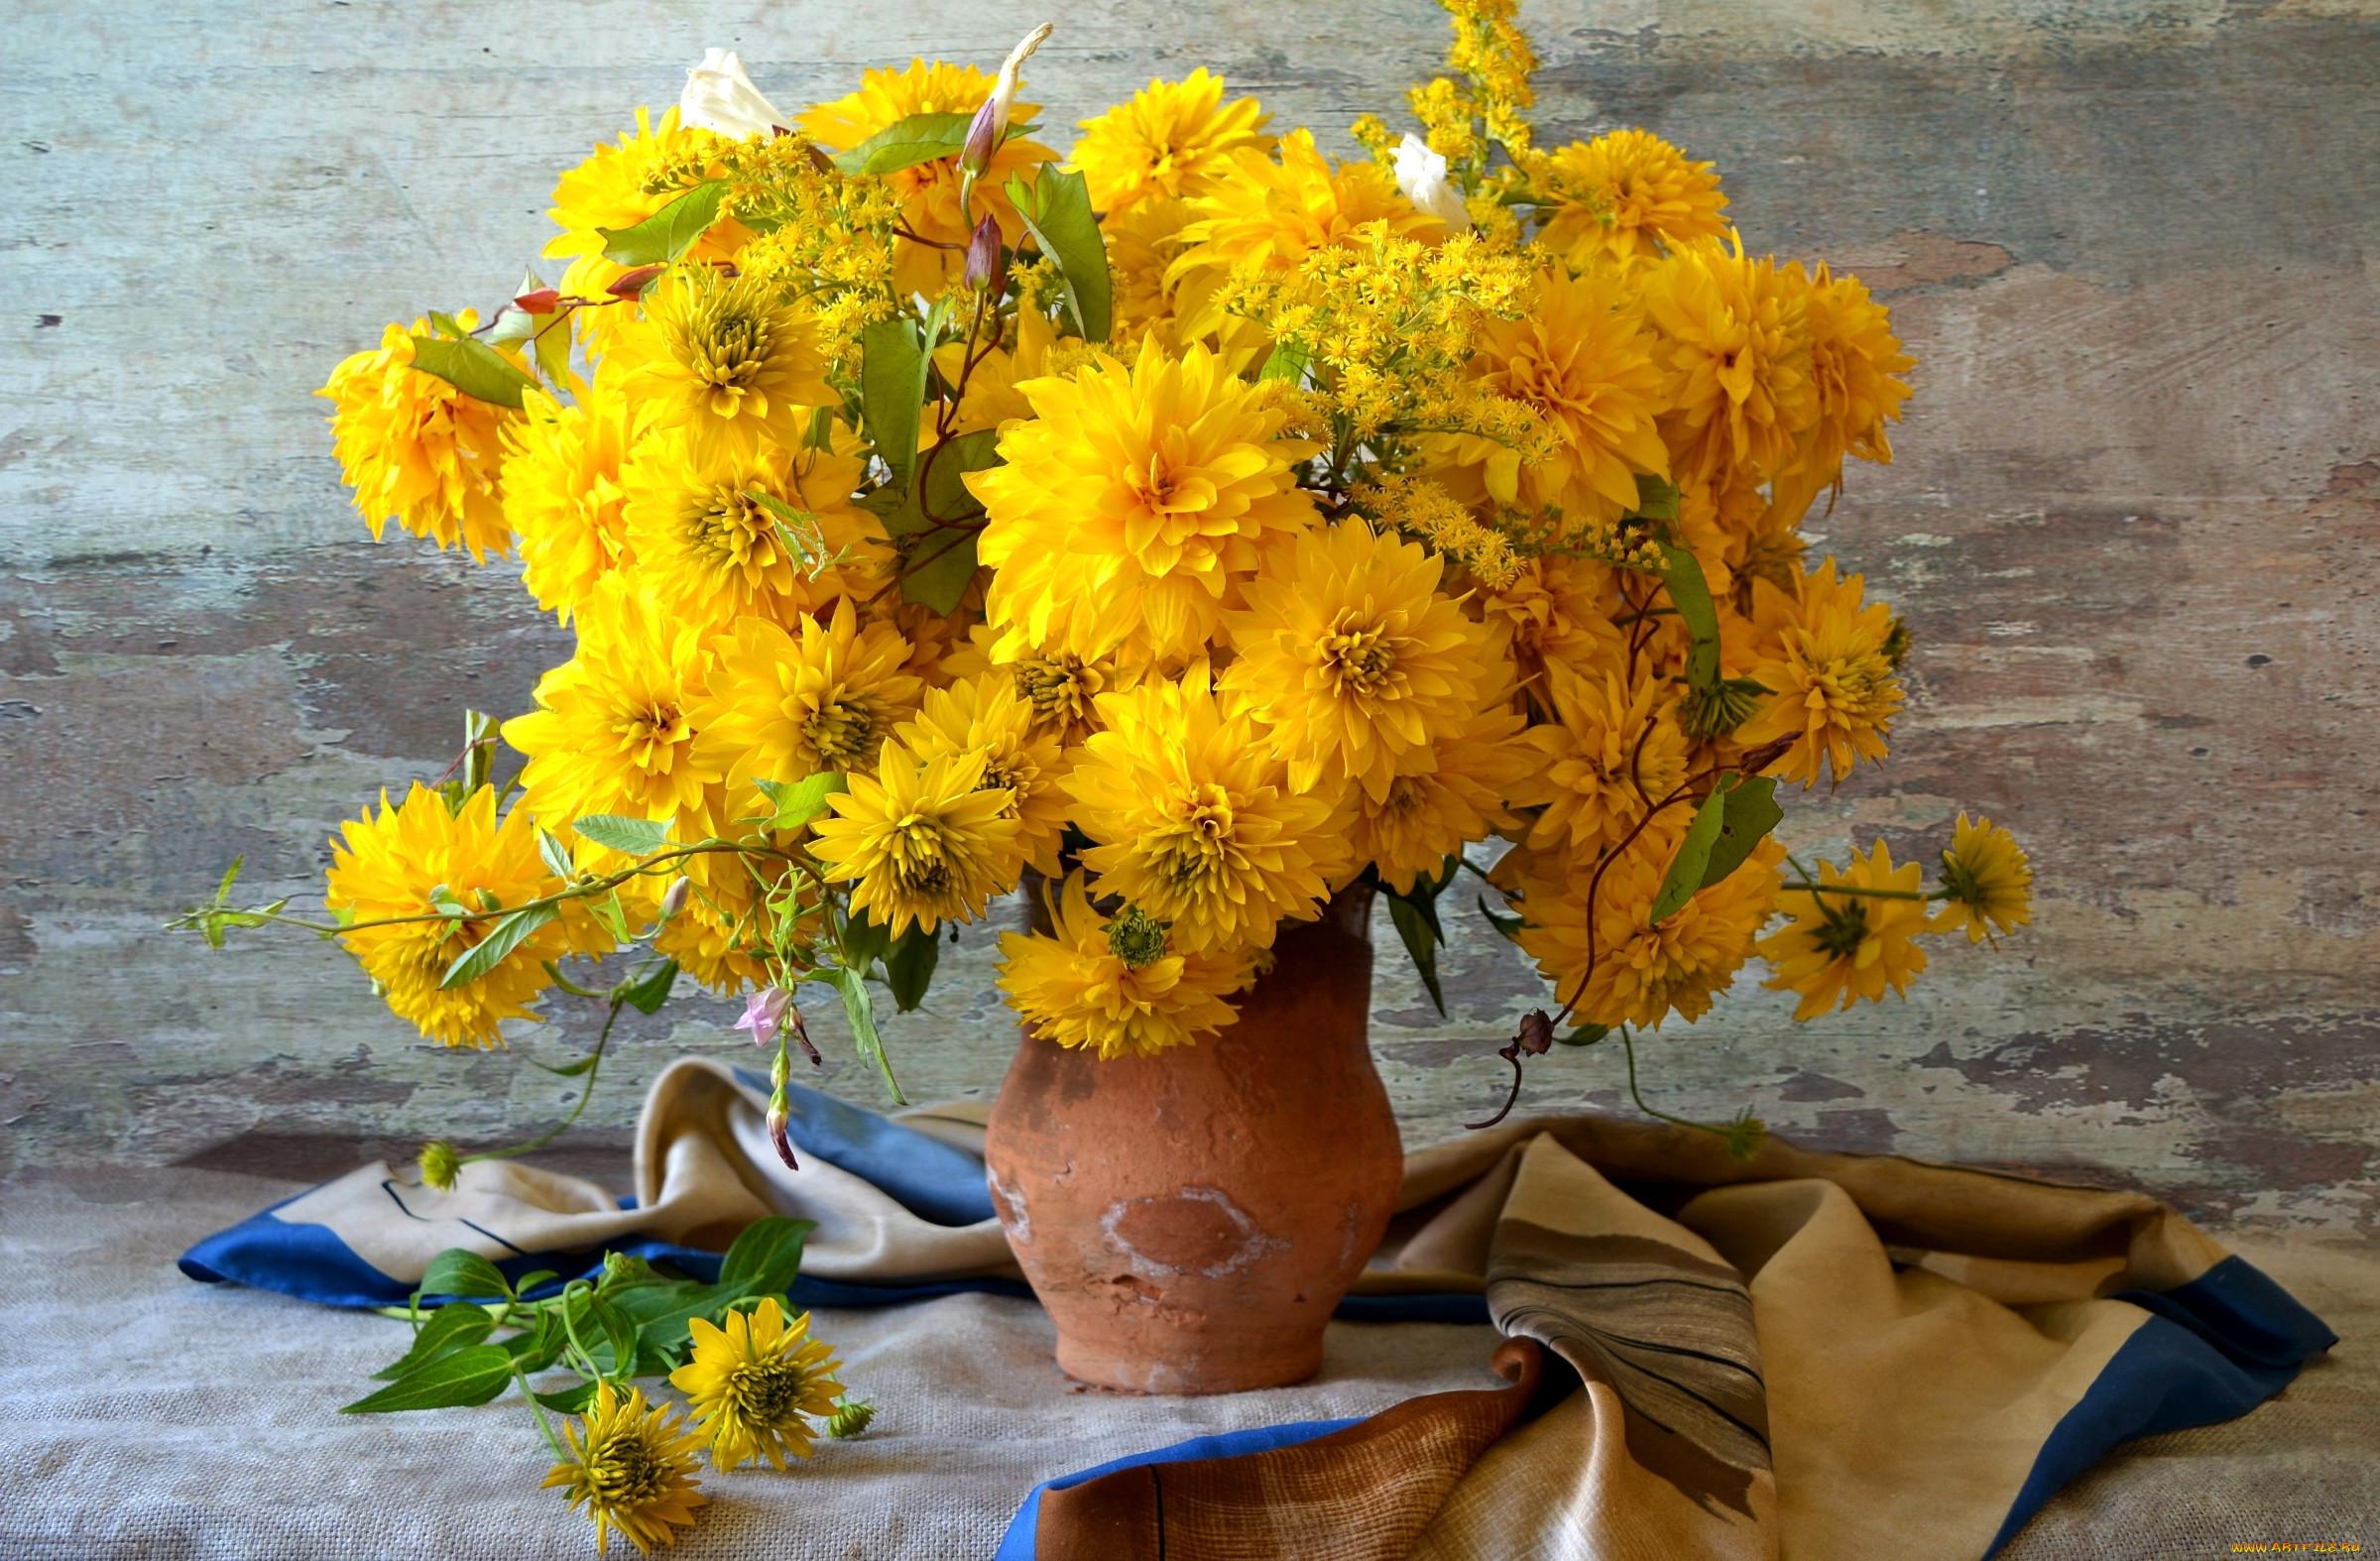 картинка букет осенних цветов готовый отпечаток картинкой